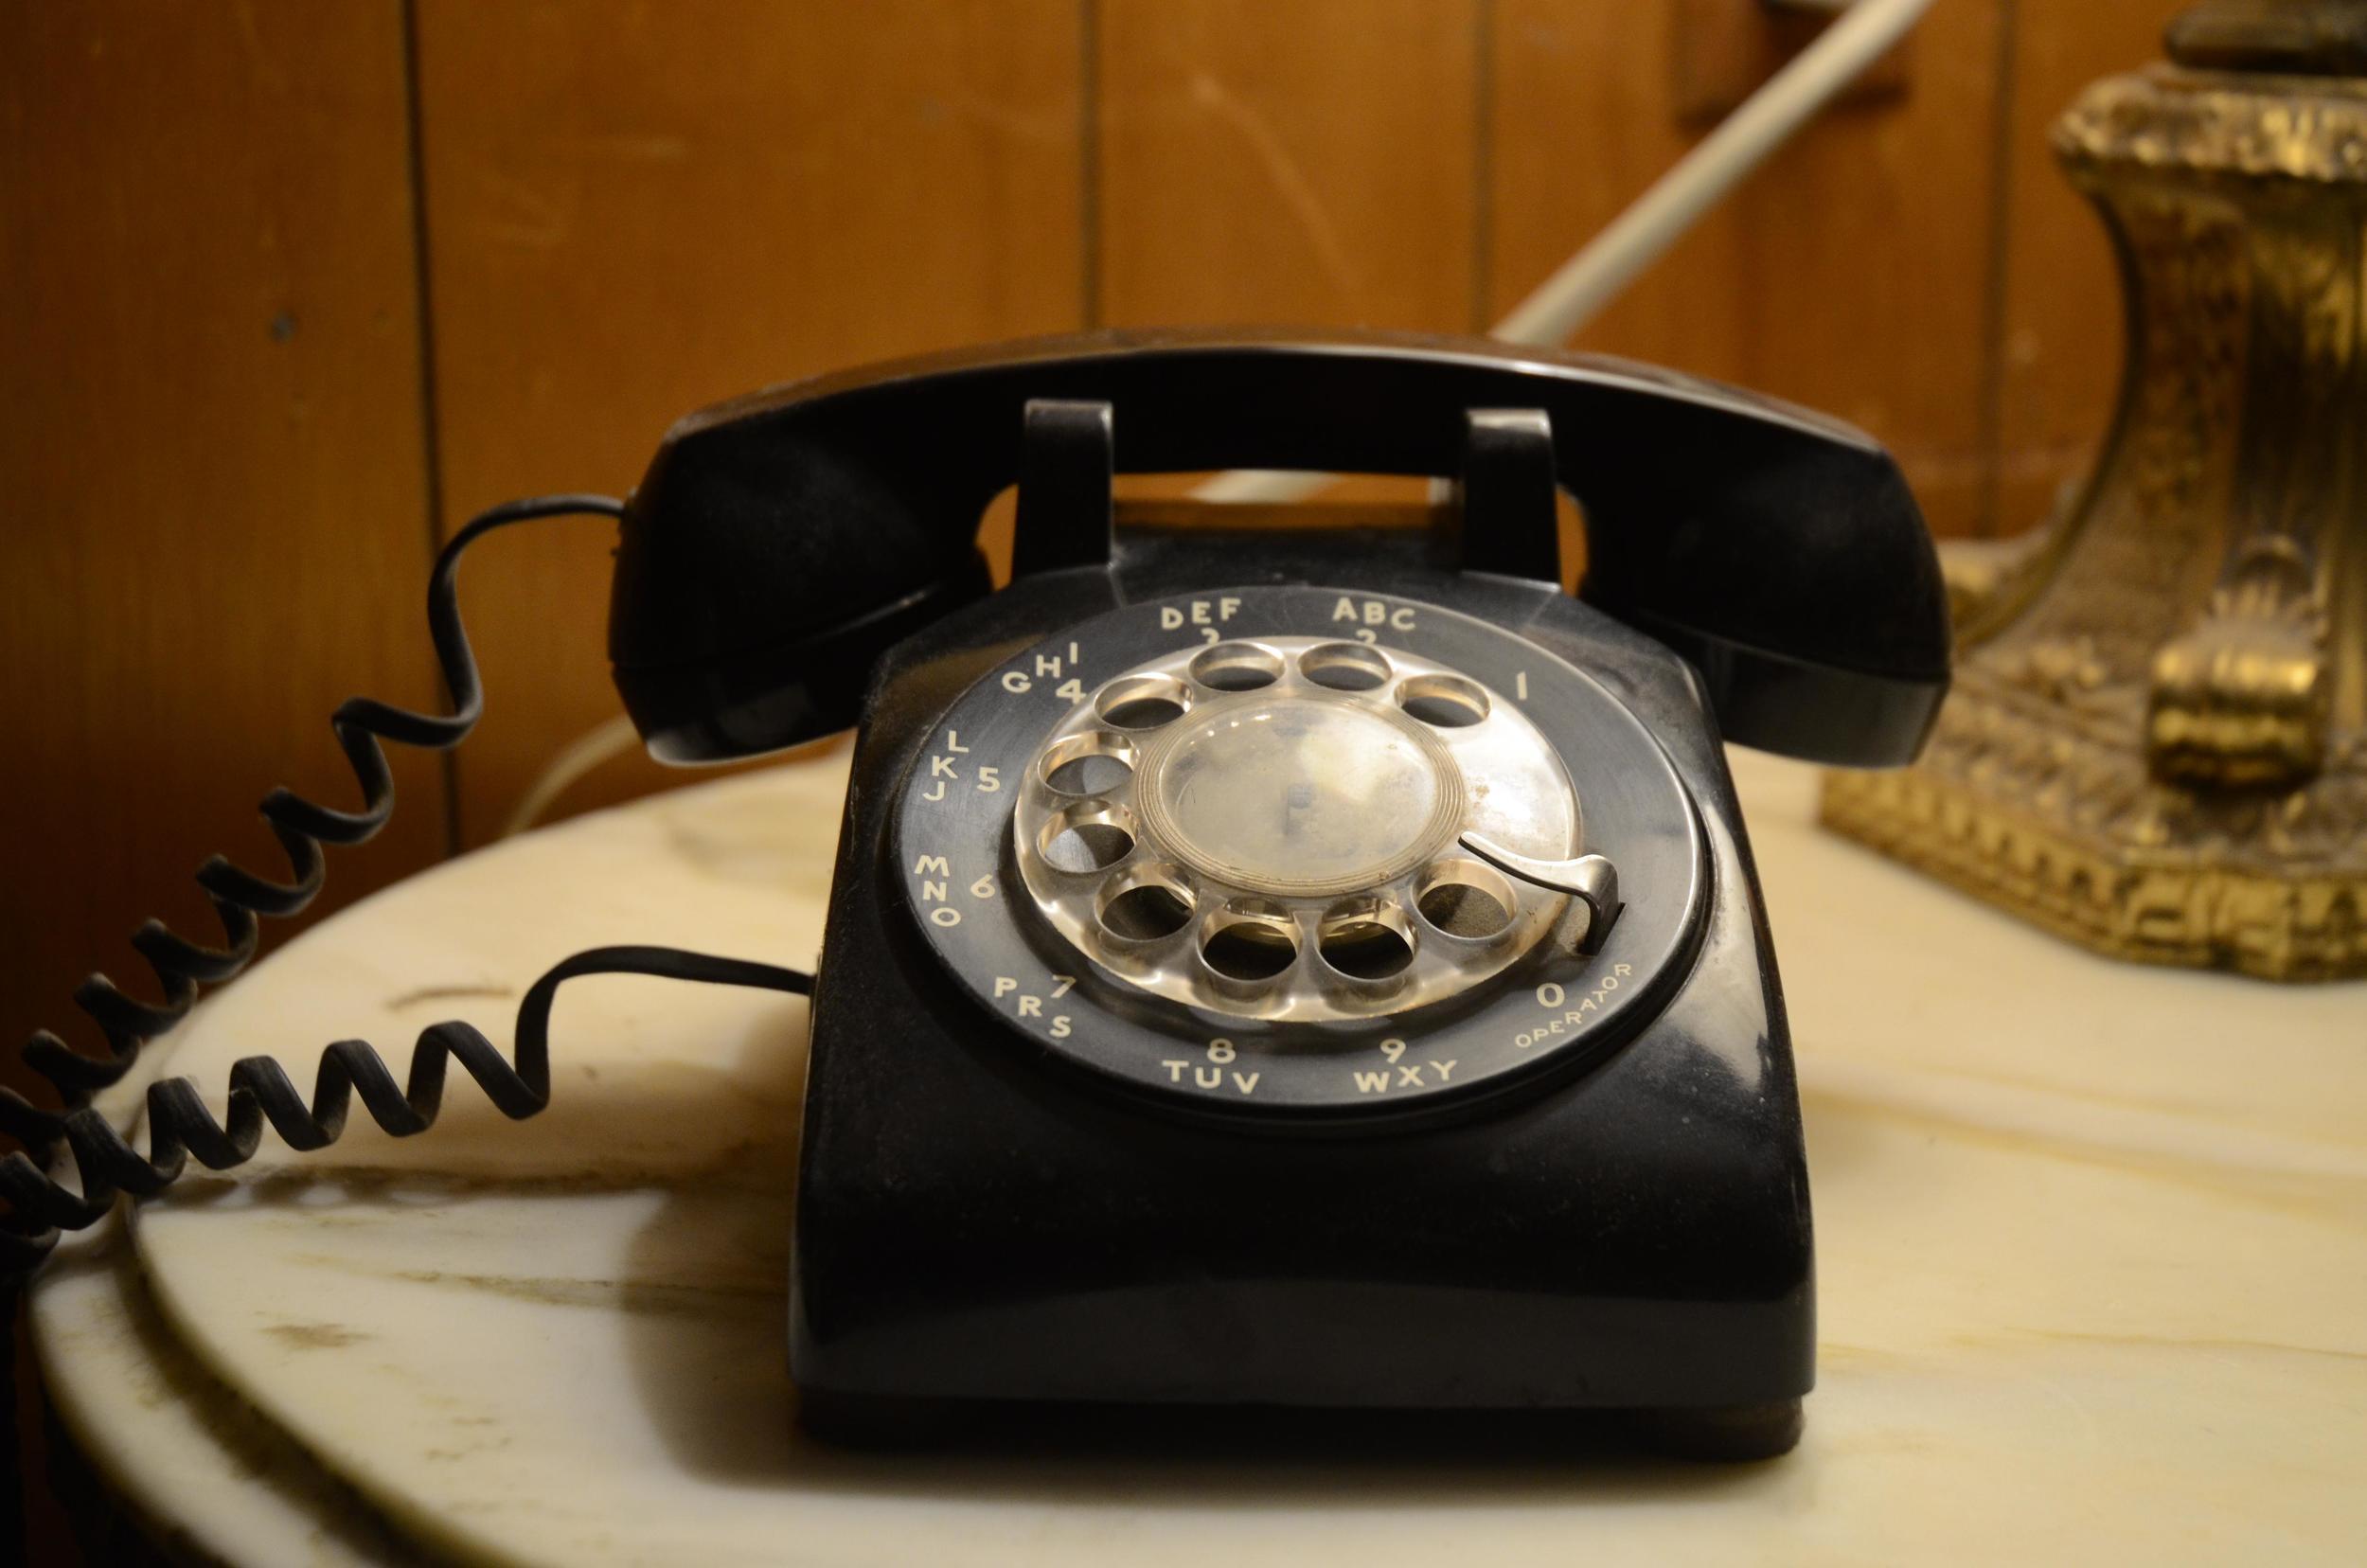 Vieux-telephone-ado-medias-sociaux